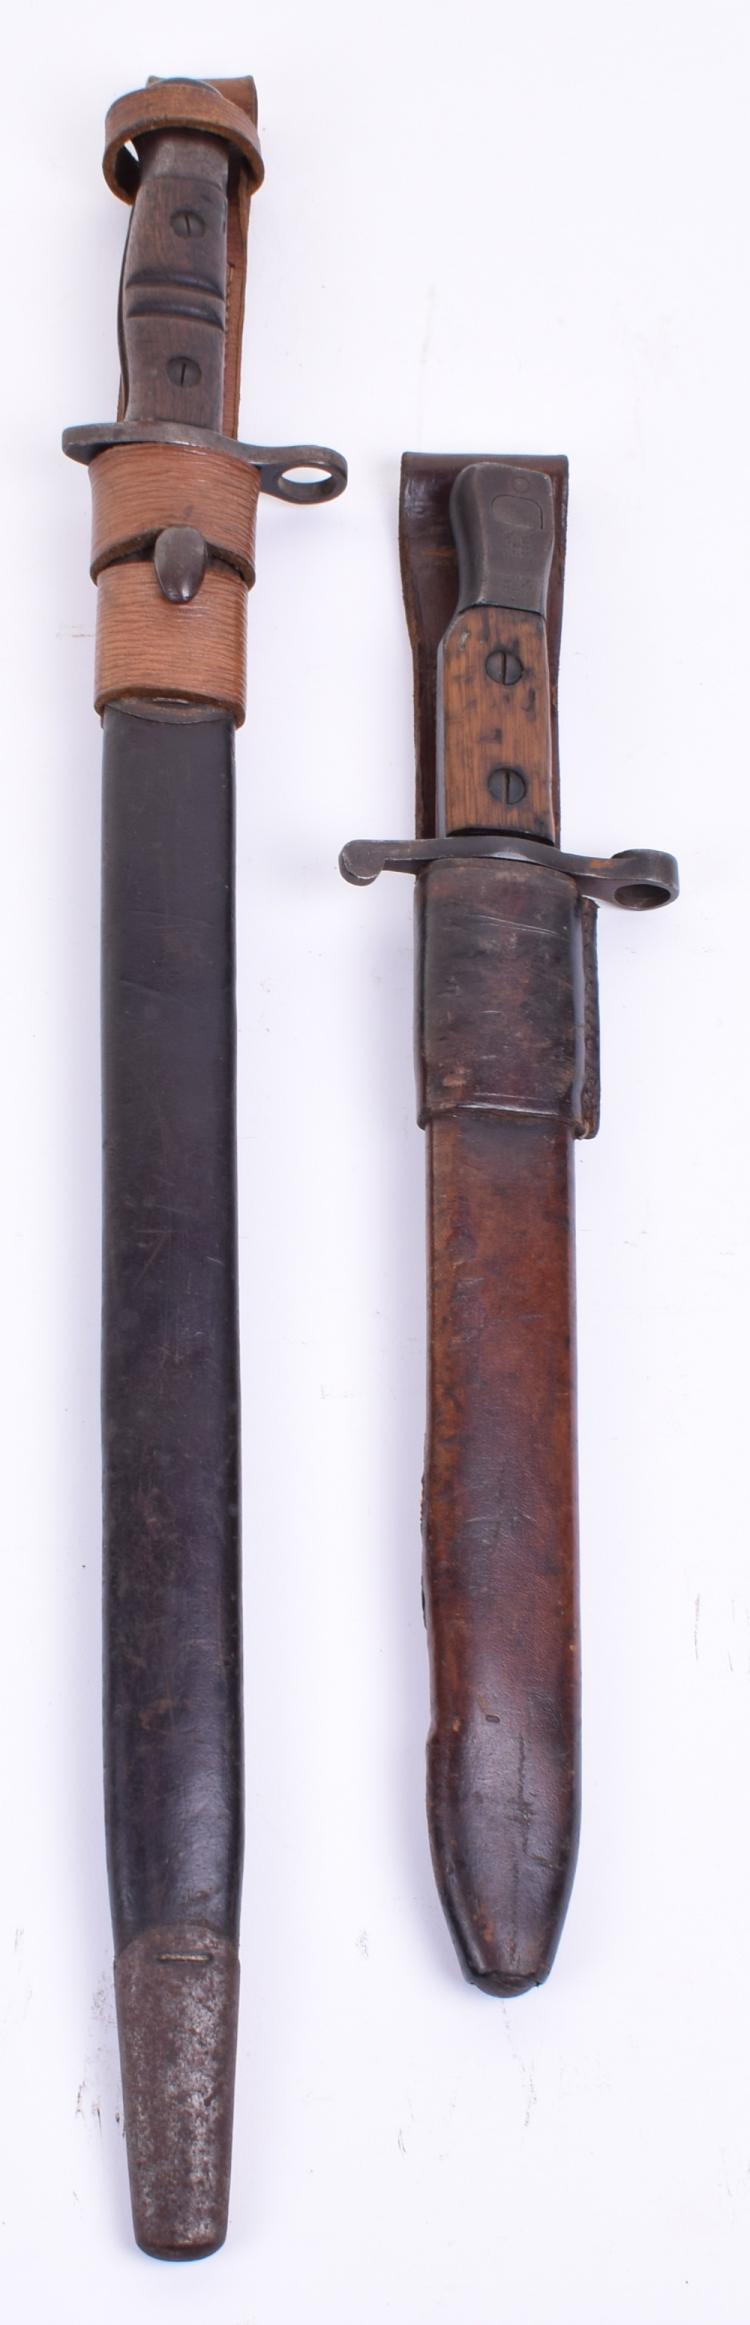 1913 Remington Bayonet